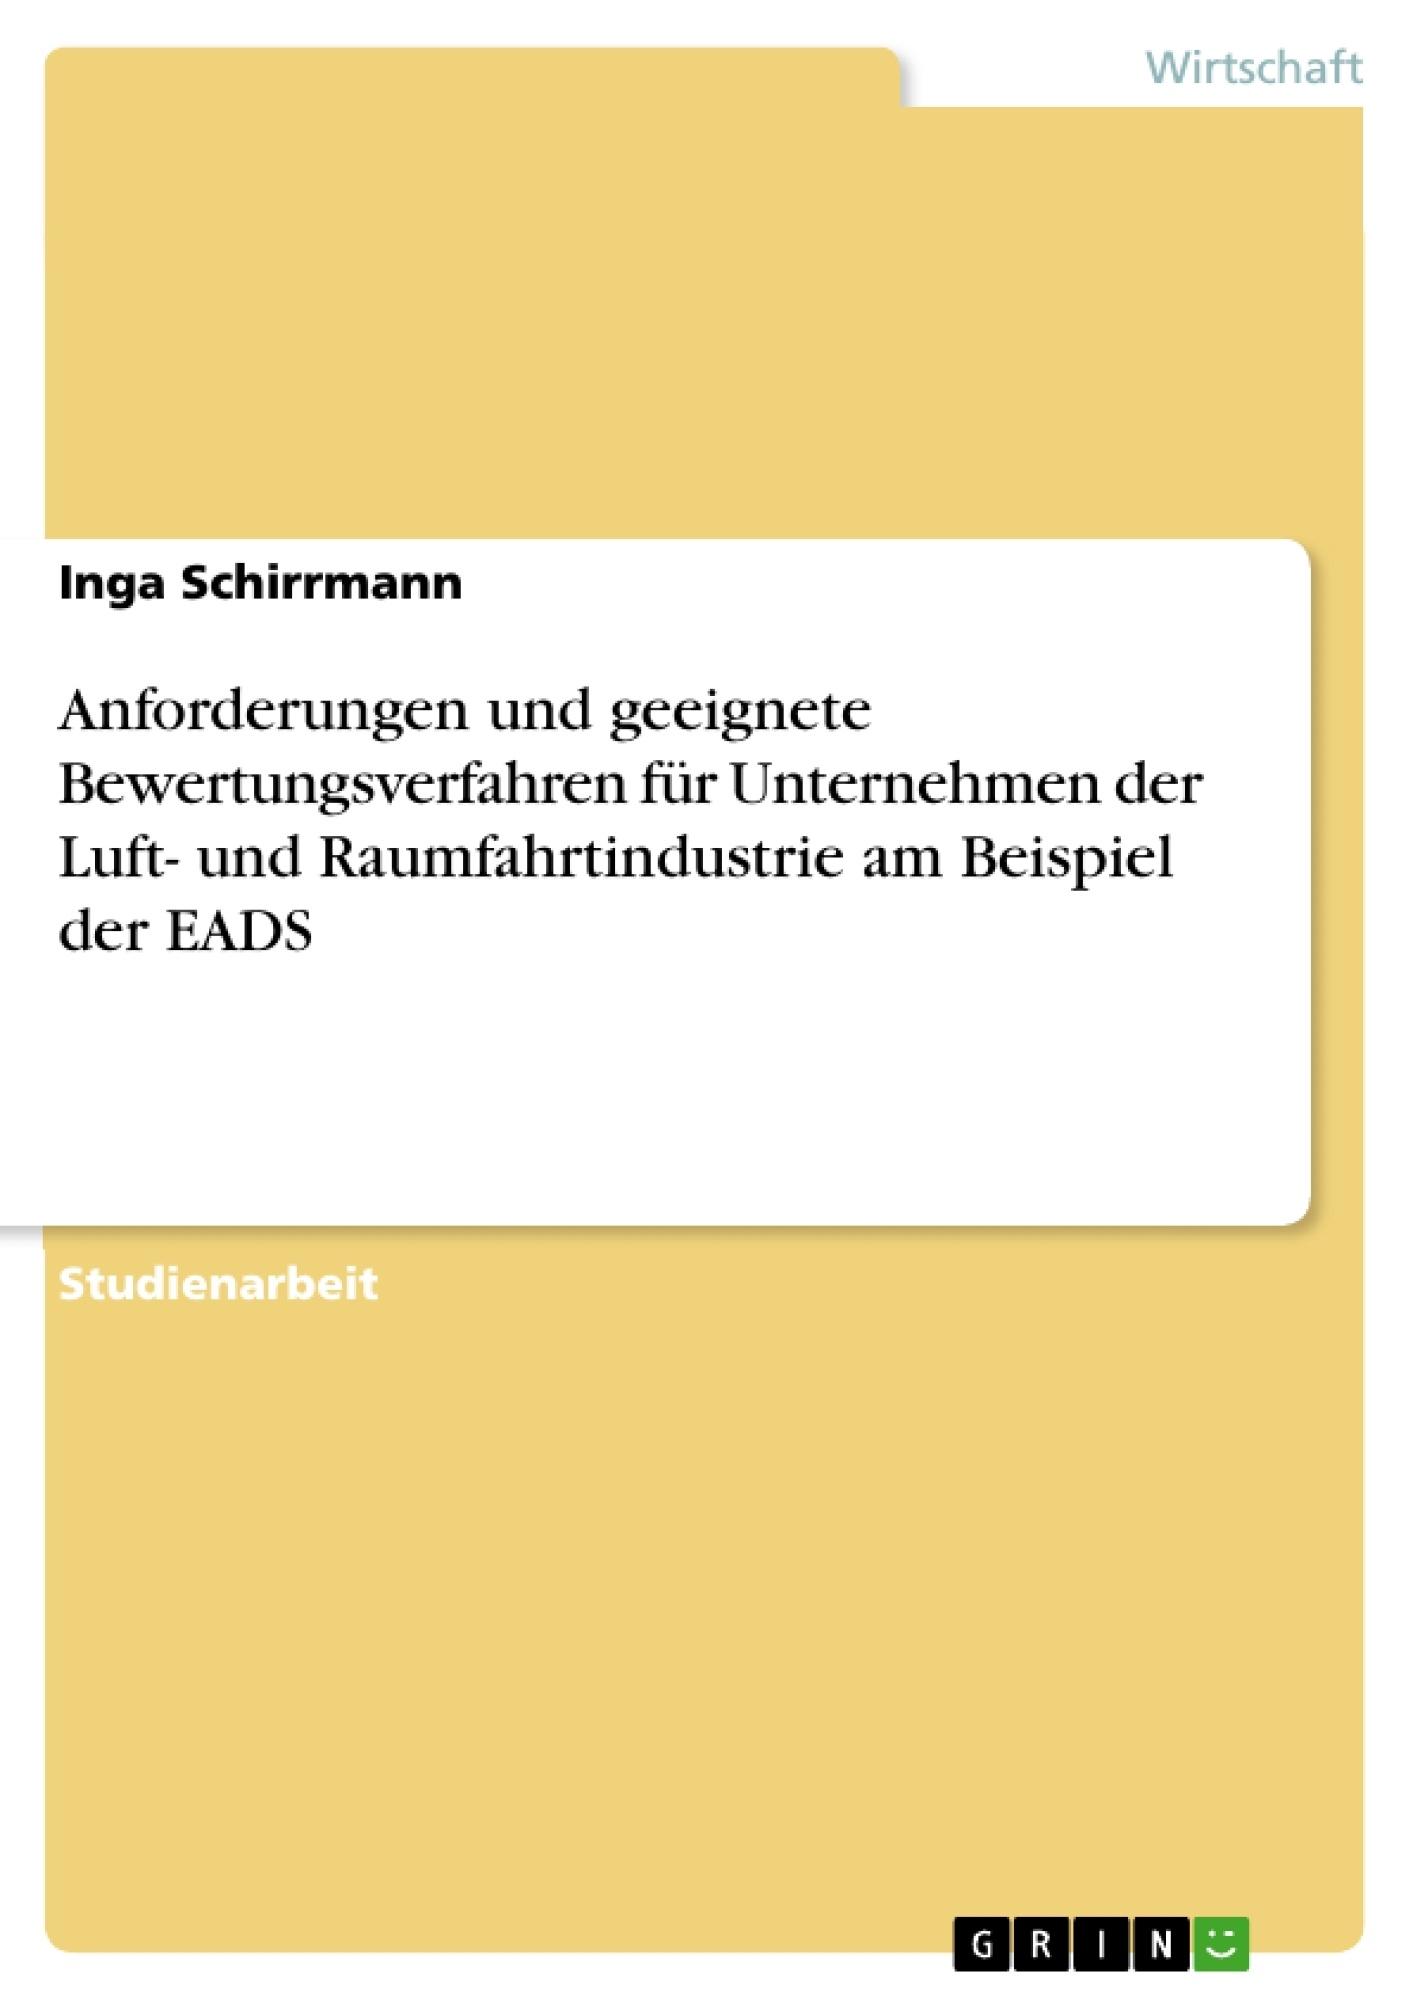 Titel: Anforderungen und geeignete Bewertungsverfahren für Unternehmen der Luft- und Raumfahrtindustrie am Beispiel der EADS